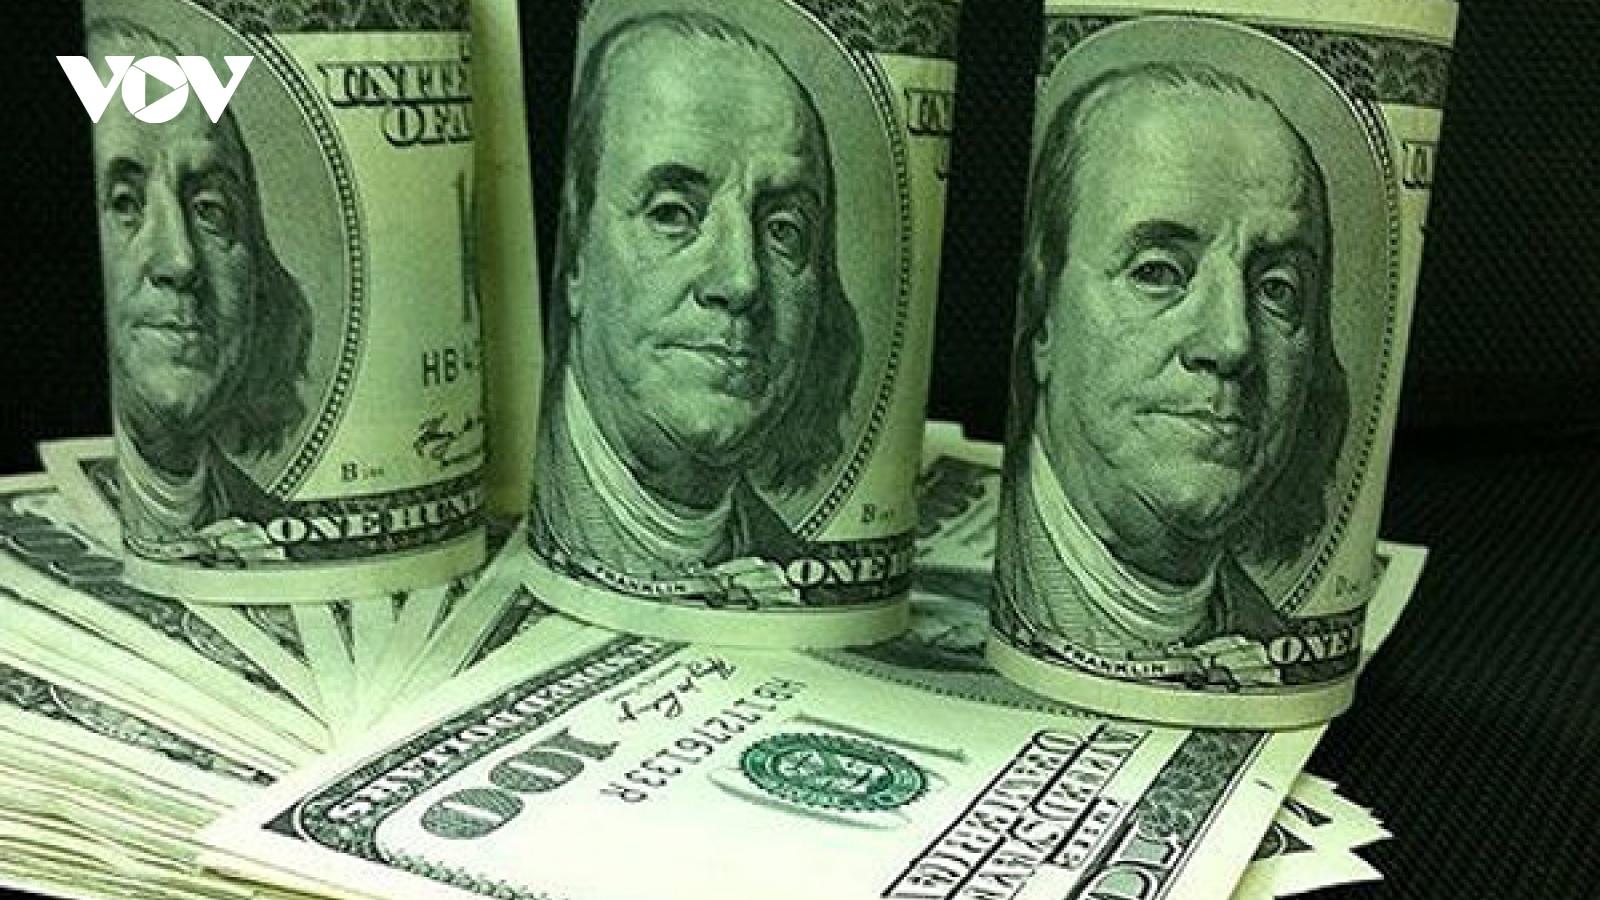 Giá USD ít biến động trong phiên giao dịch đầu tuần 16/11